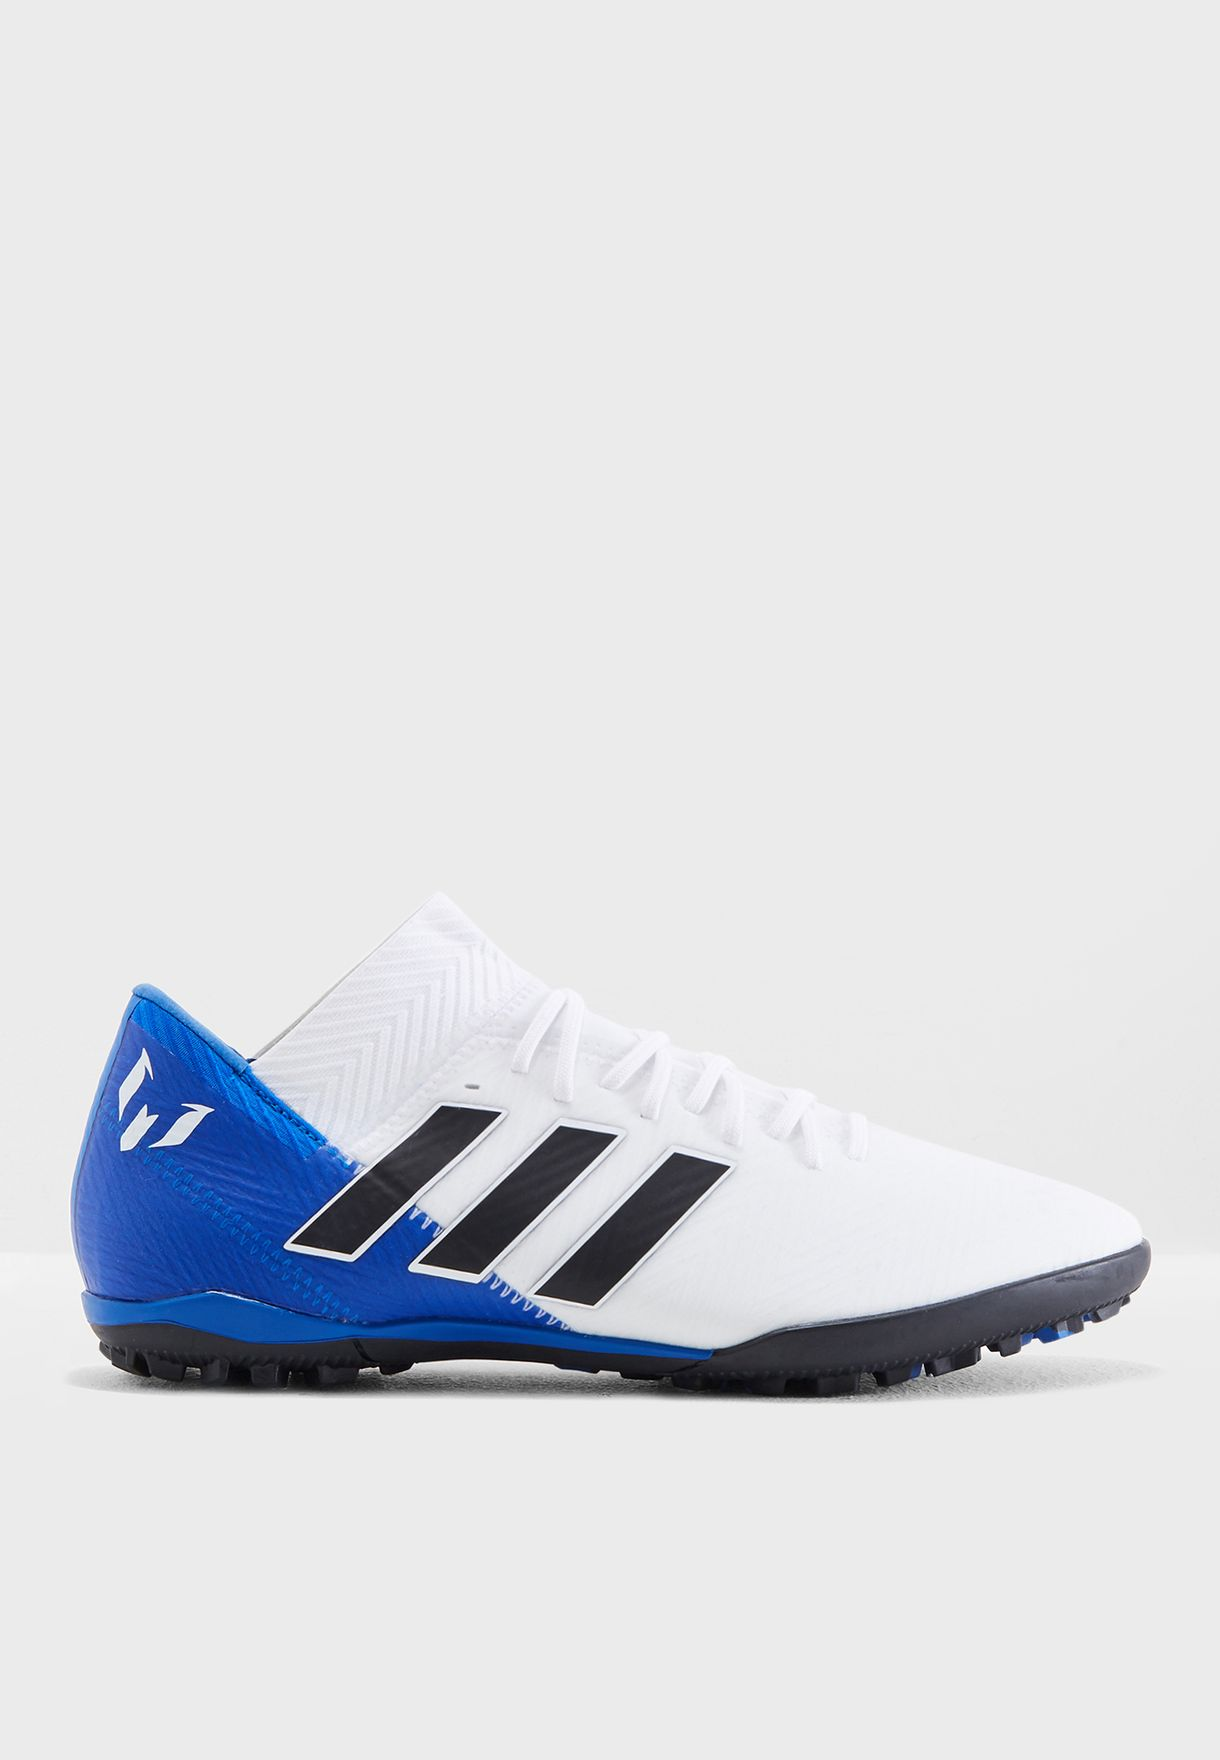 1c1ff54bf8e92 تسوق حذاء نيميزيز ميسي تانجو للارض العشبية ماركة اديداس لون أبيض ...